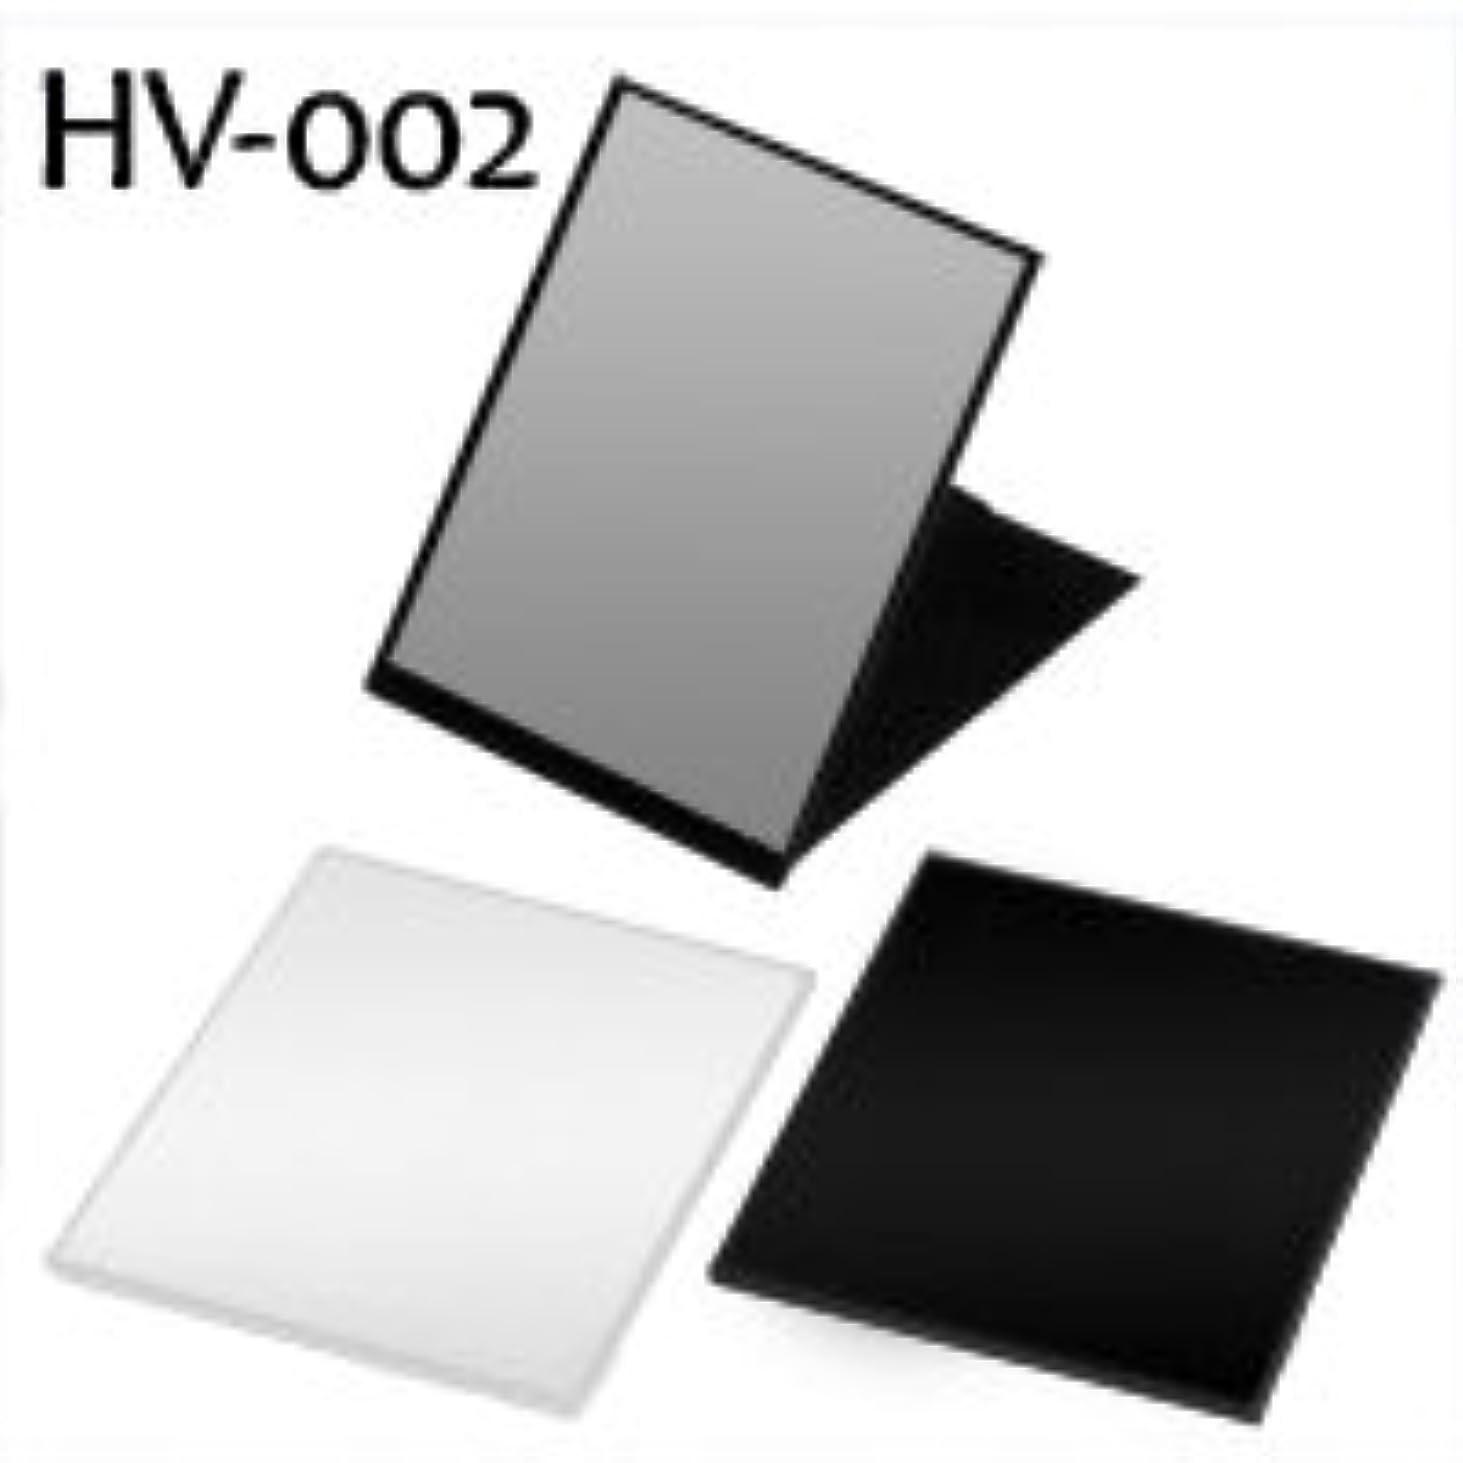 メガロポリス気難しいこっそりハイパービュースリム&ライトコンパクトミラー(L) HV-002 ブラック